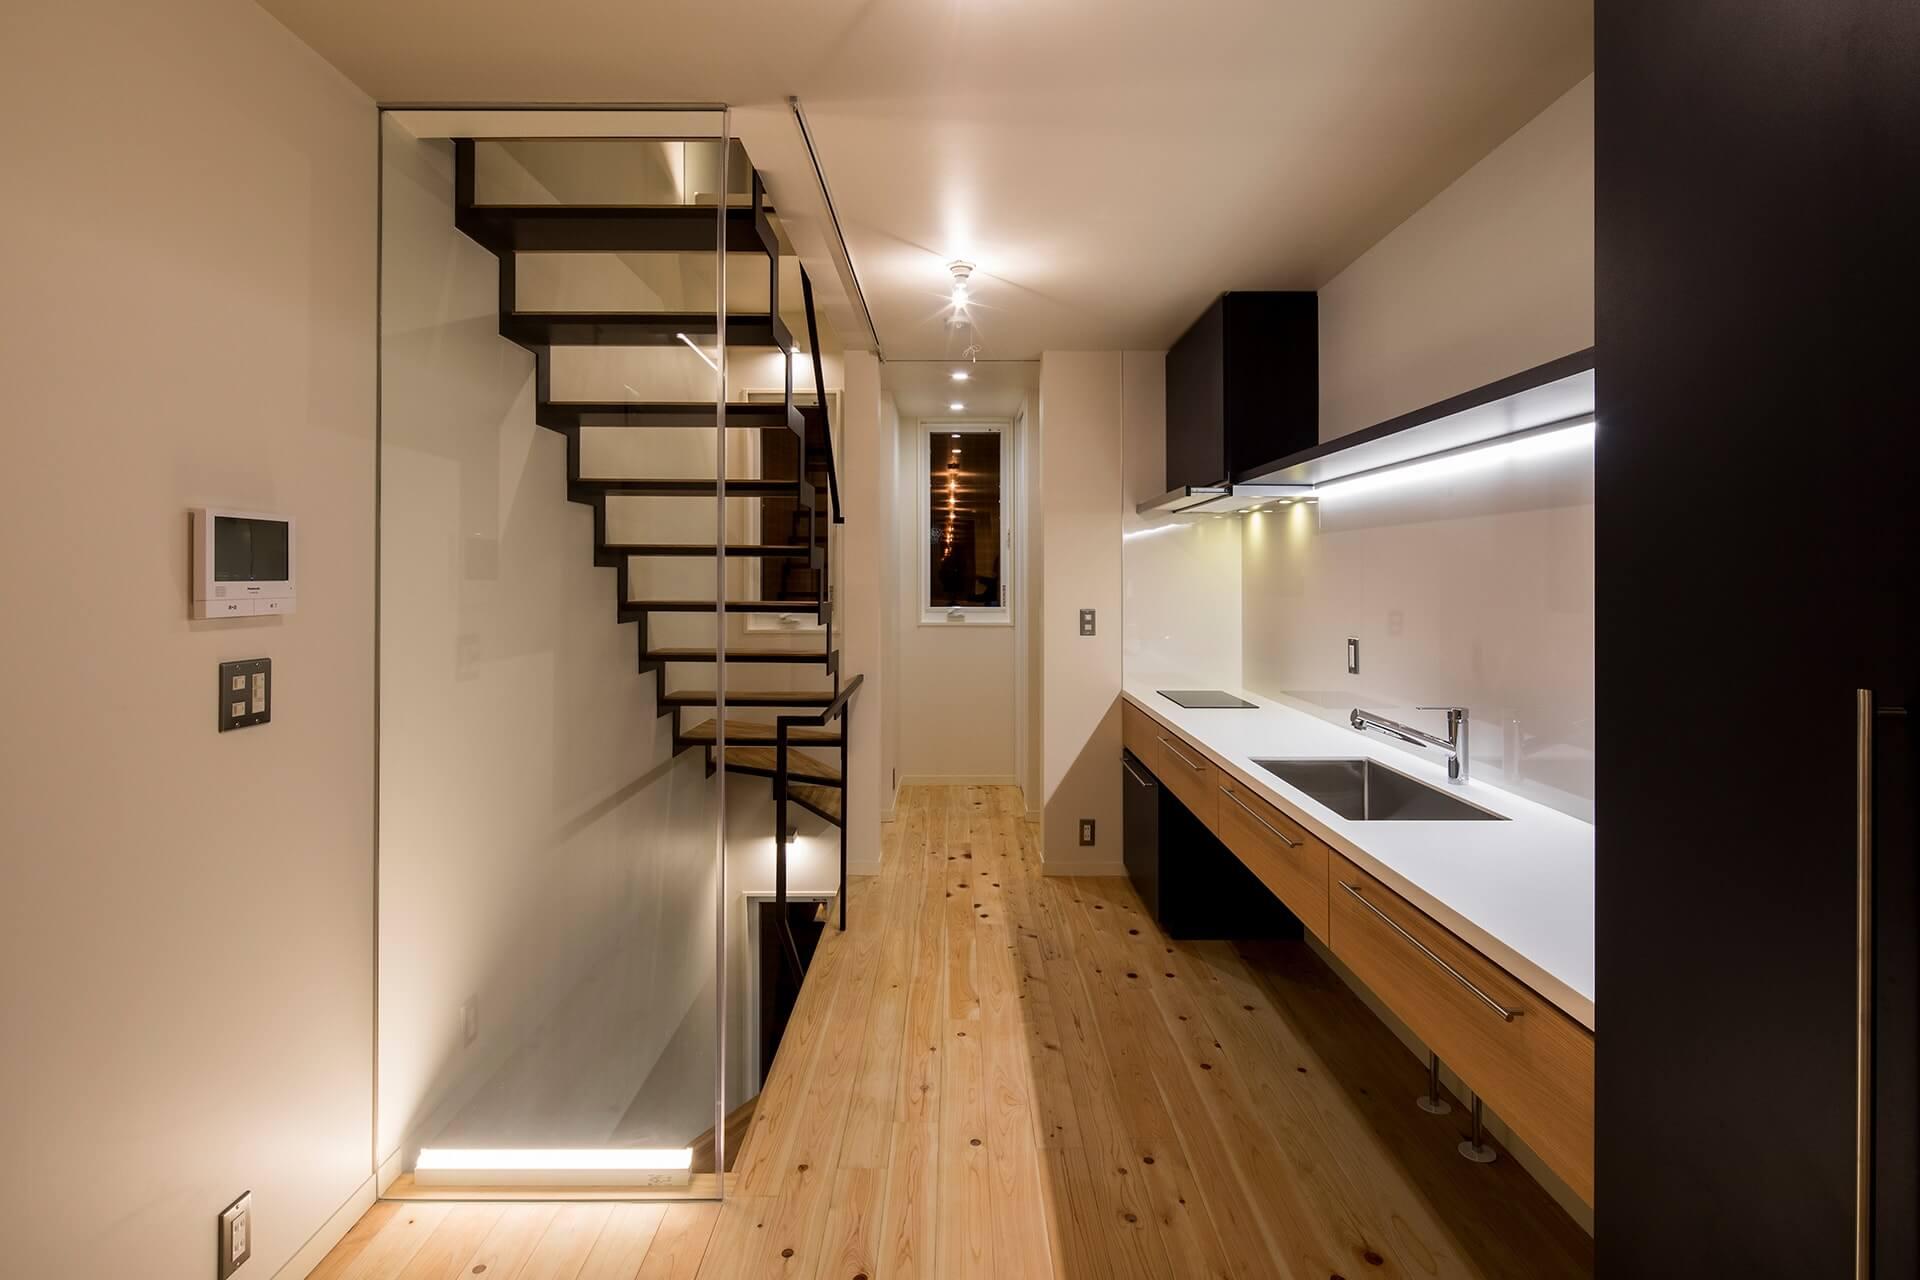 光と風が通り抜ける千駄木の立体長屋 | こだわりの自然素材・天然素材の注文住宅・リフォームの駿河屋